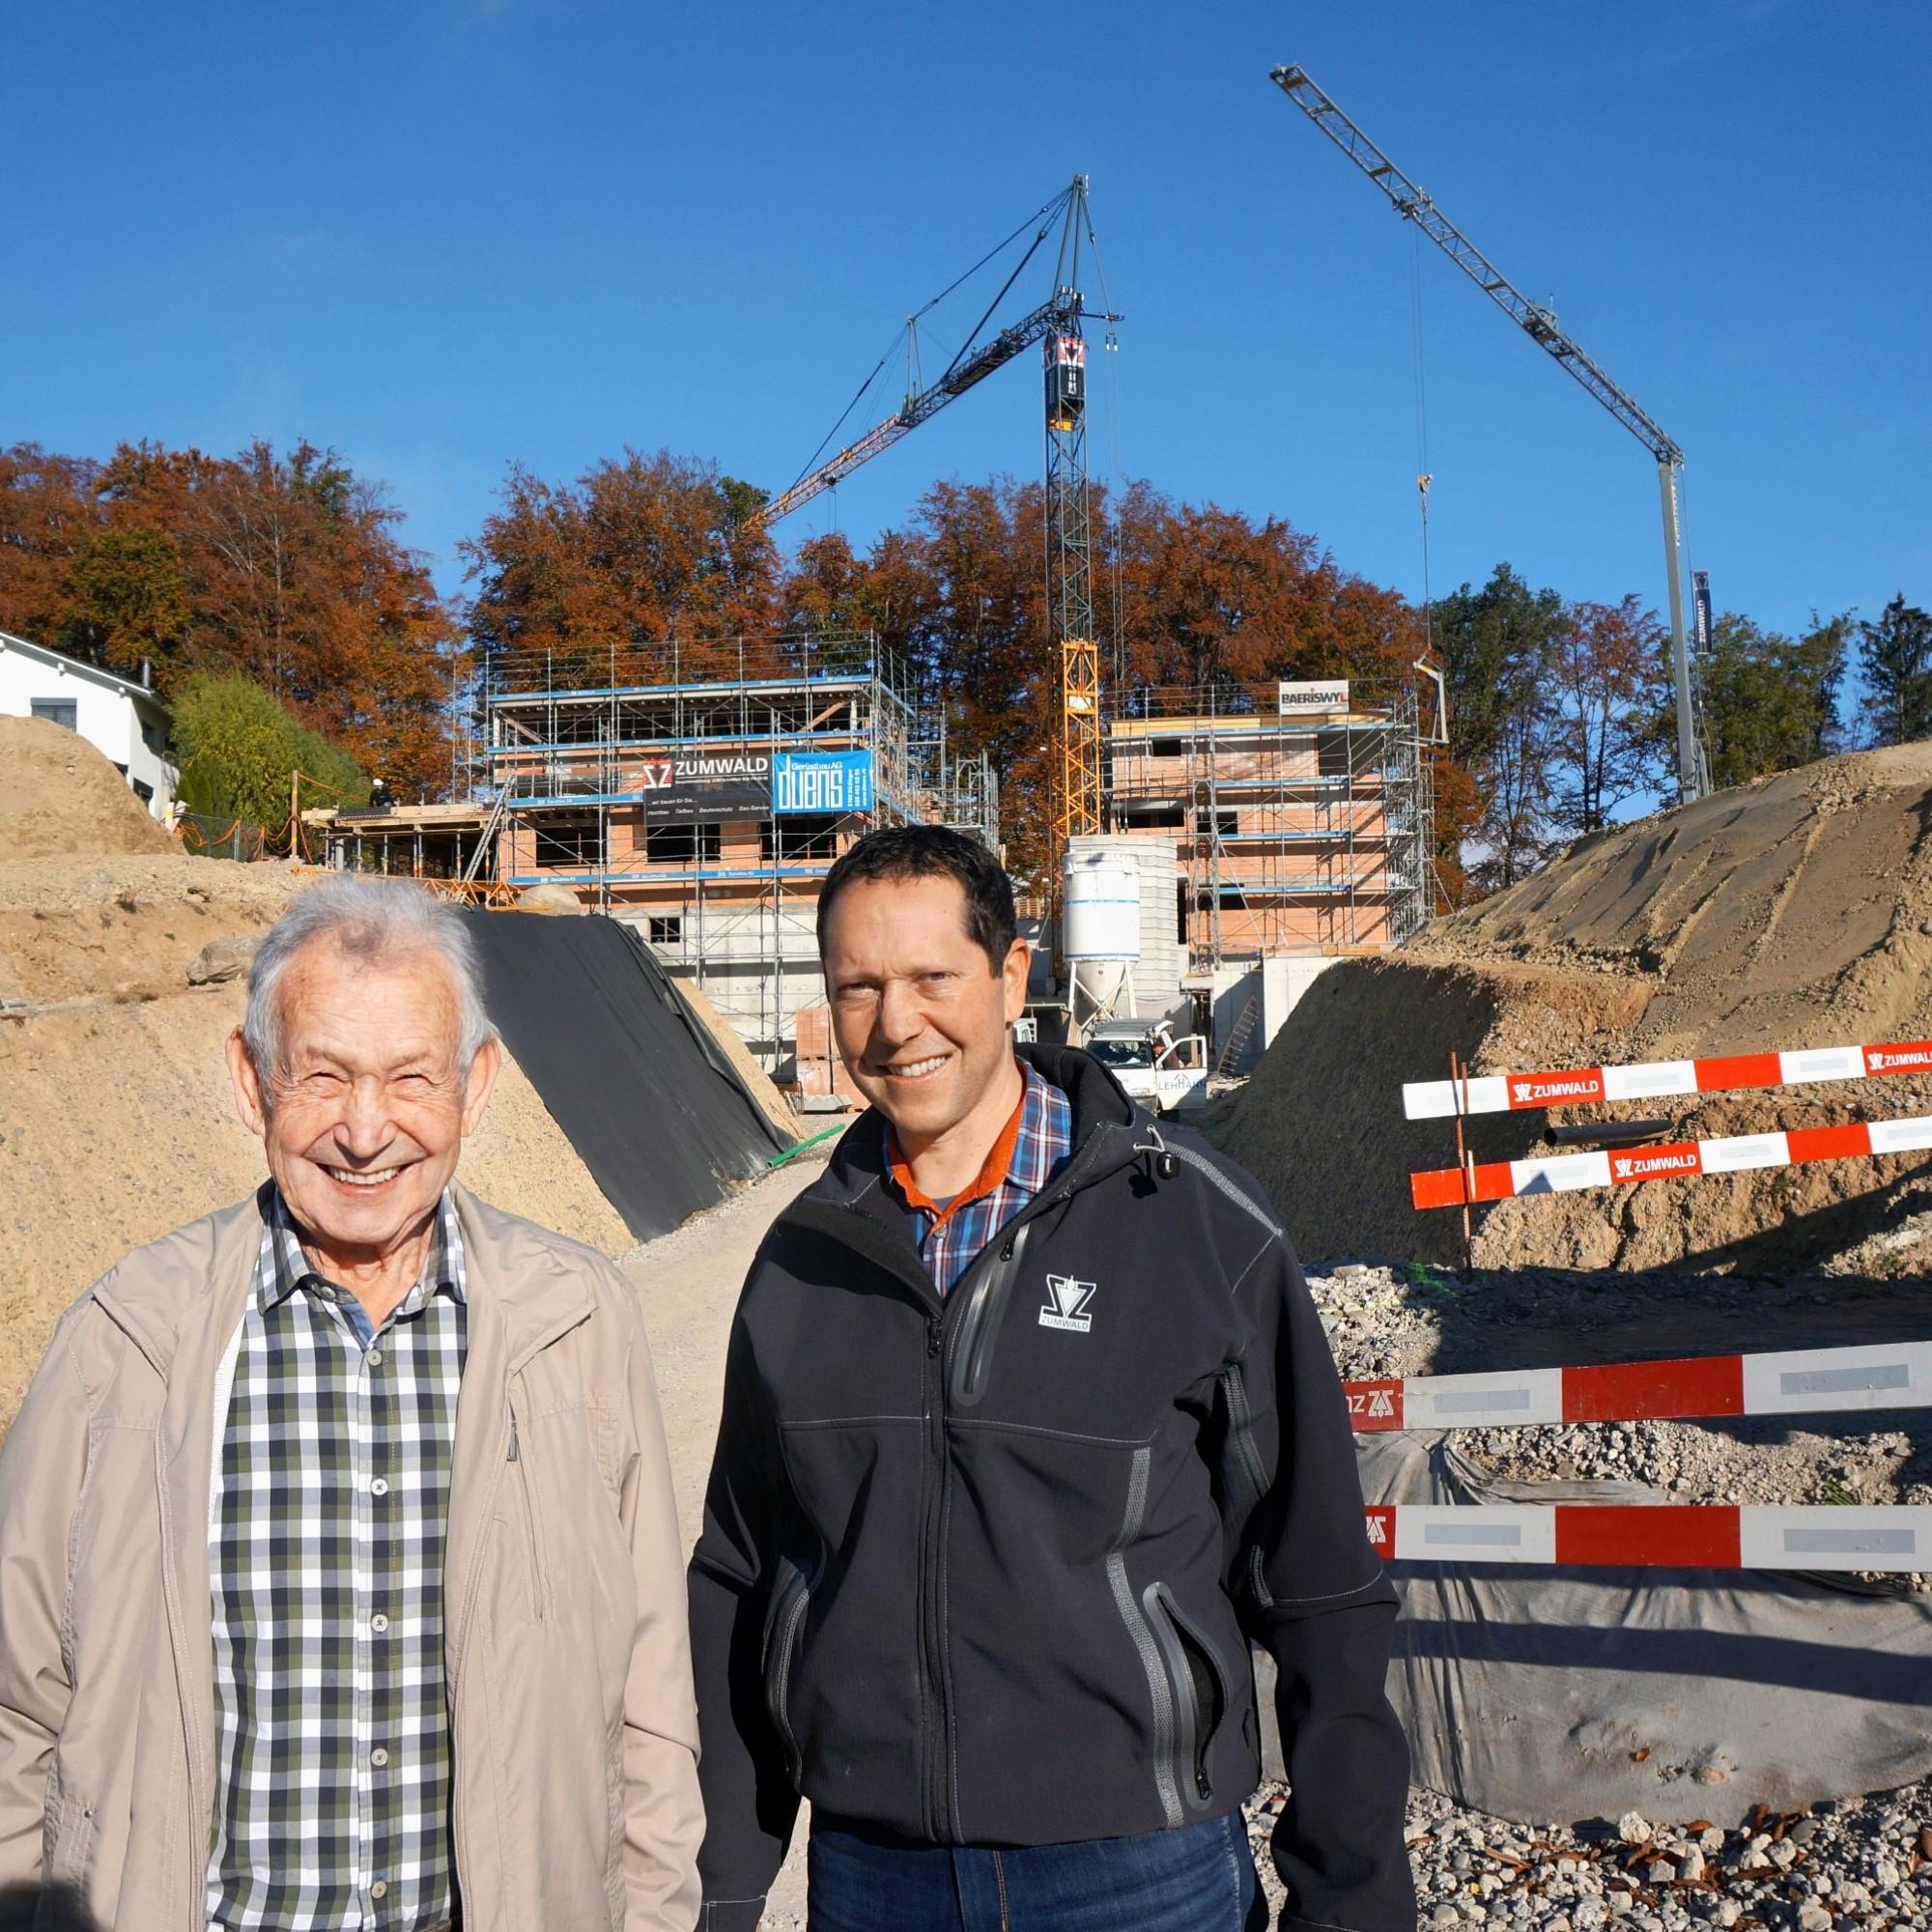 Zwei Generationen, eine Berufung: Otto Zumwald (links) gründete 1972 das Familienunternehmen, das heute von seinem Sohn Roman geleitet wird.